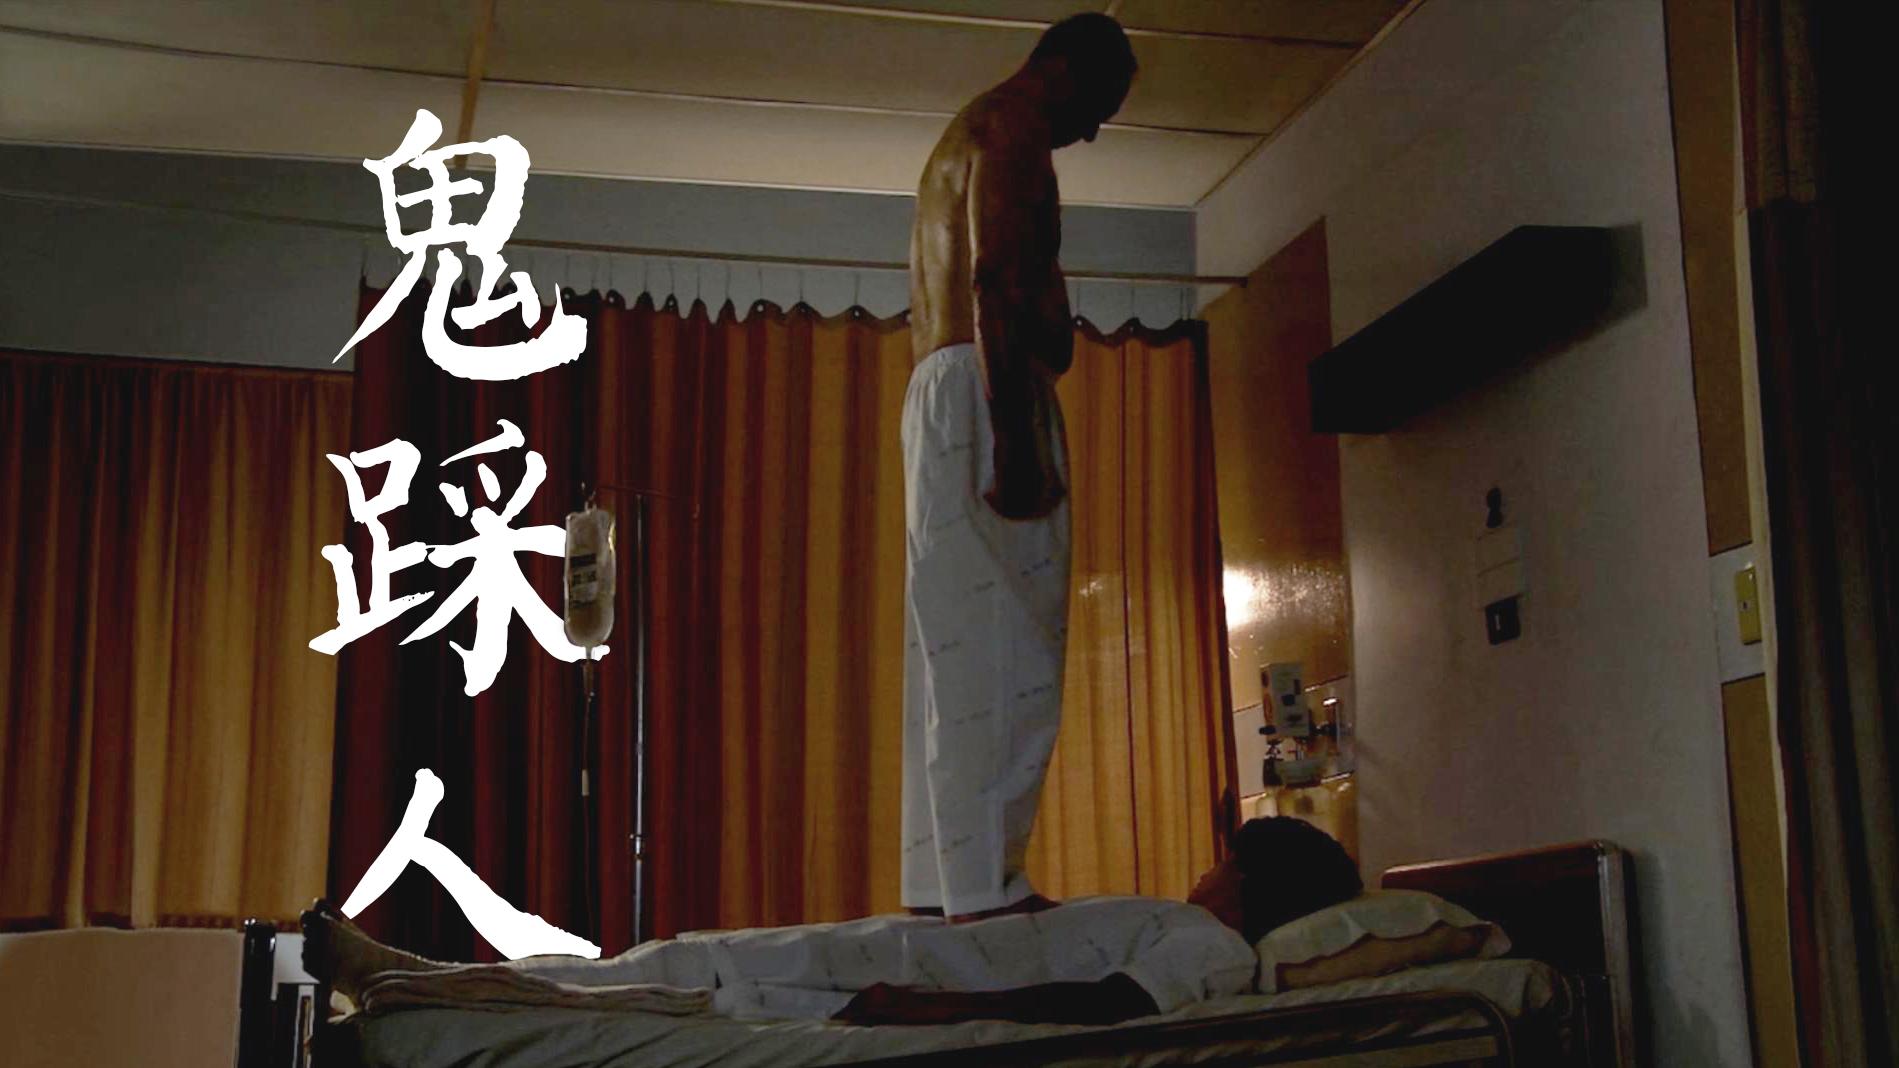 爆笑解说《鬼乱5》,一次带你看完泰国各种鬼,胆子再大也招架不住